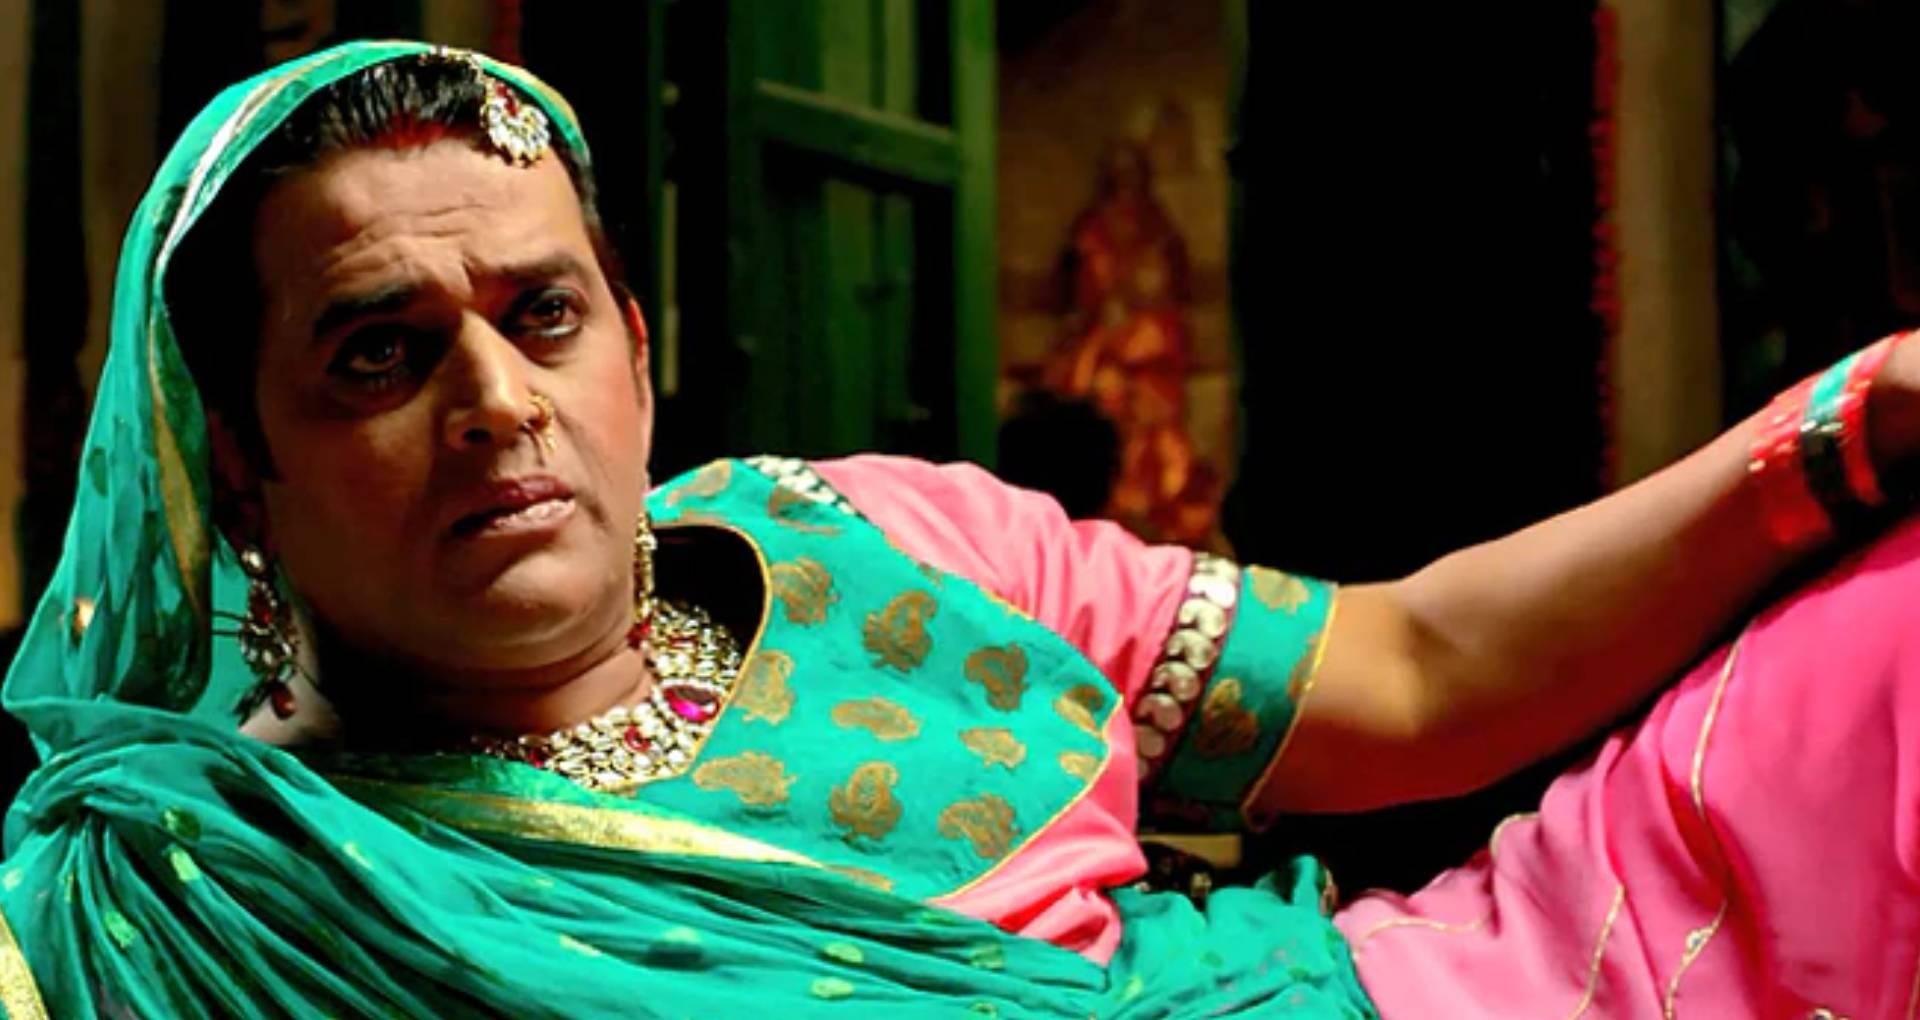 Ravi Kishan Hindi Film: रवि किशन का बॉलीवुड में भी चलता है सिक्का, इन 5 फिल्मों में दिखी उनकी दमदार एक्टिंग